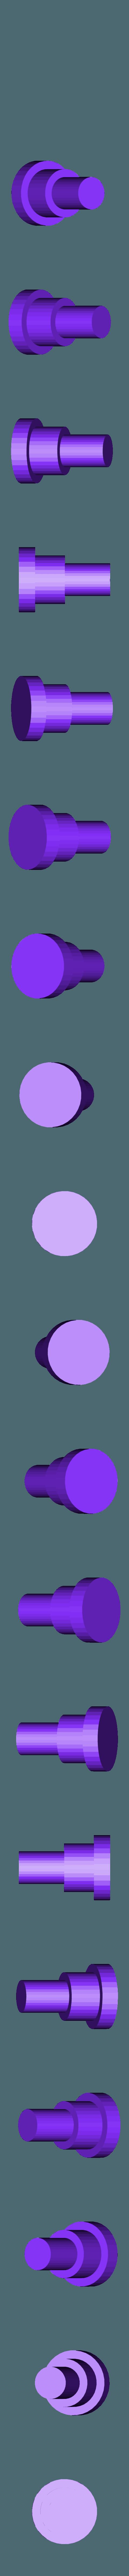 knob-side_POST_x2.stl Télécharger fichier STL gratuit Ghostbuster Ghostbuster Ghosttrap • Modèle pour impression 3D, SLIDES